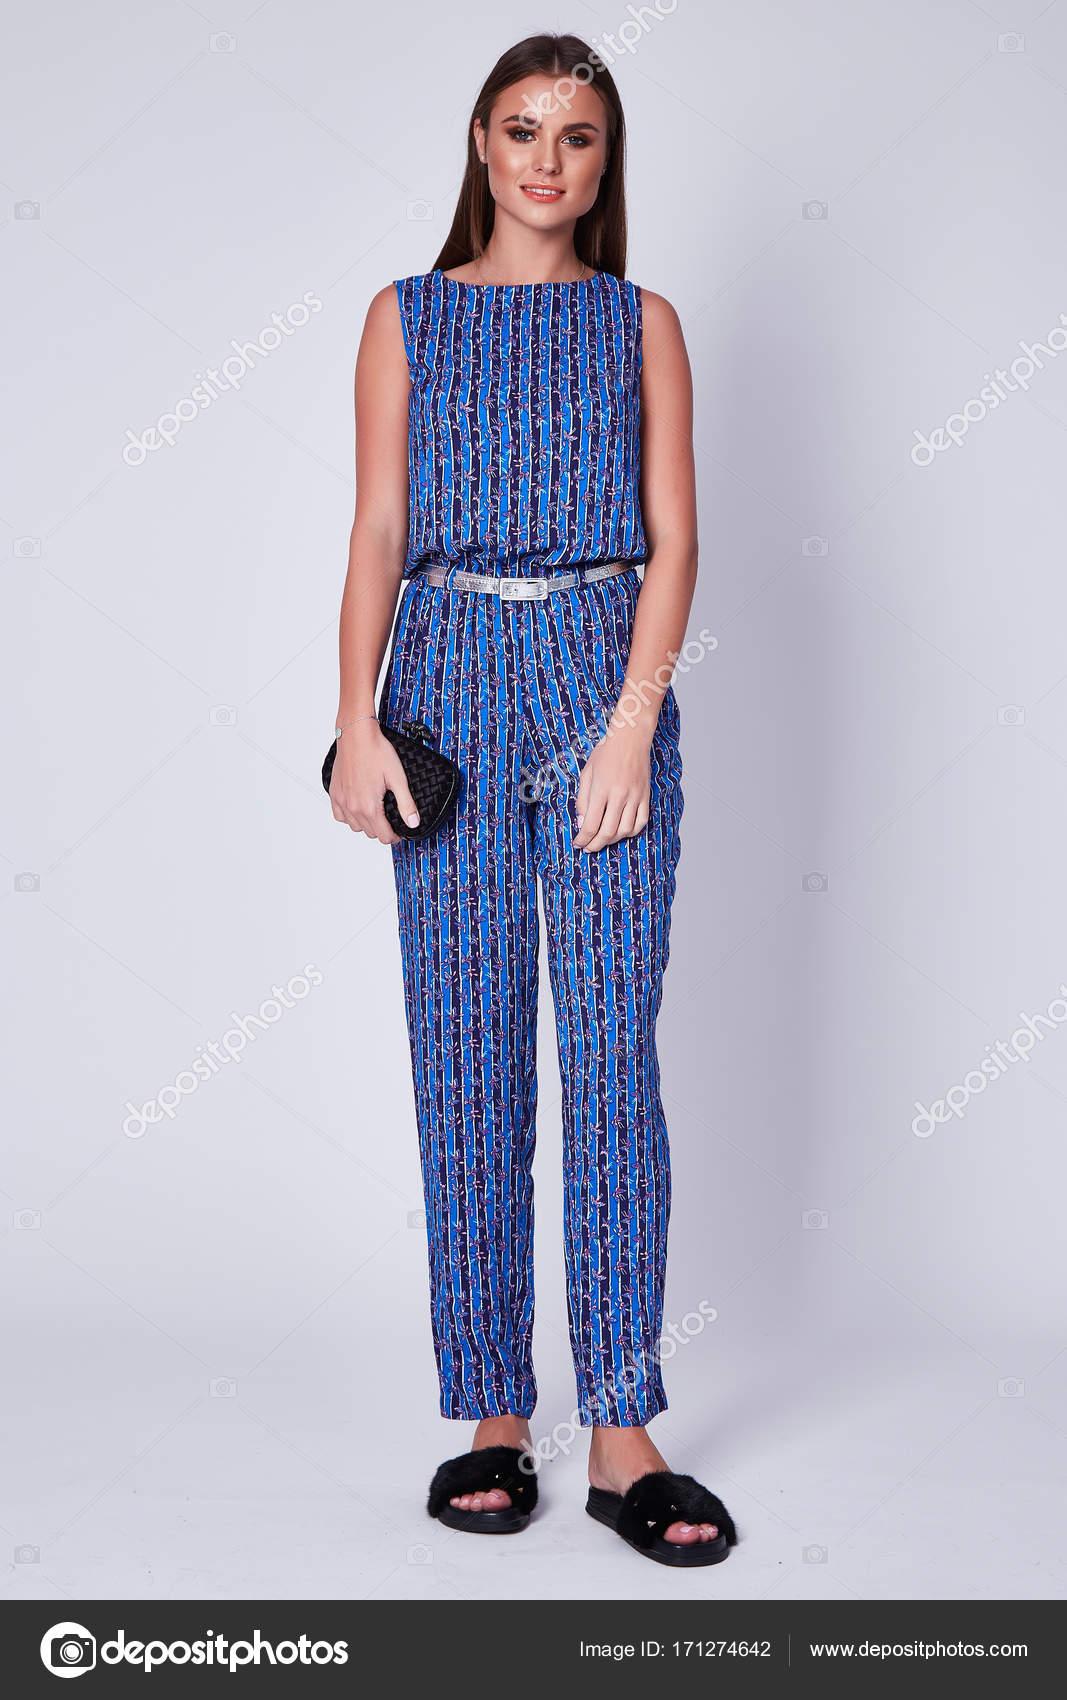 390bed4fadc3 Glamour módní styl katalogu ležérní oblečení obchodních žena setkání datum  chůze stranou sexy krásná žena brunetka dlouhé vlasy přírodní make-up  opotřebení ...